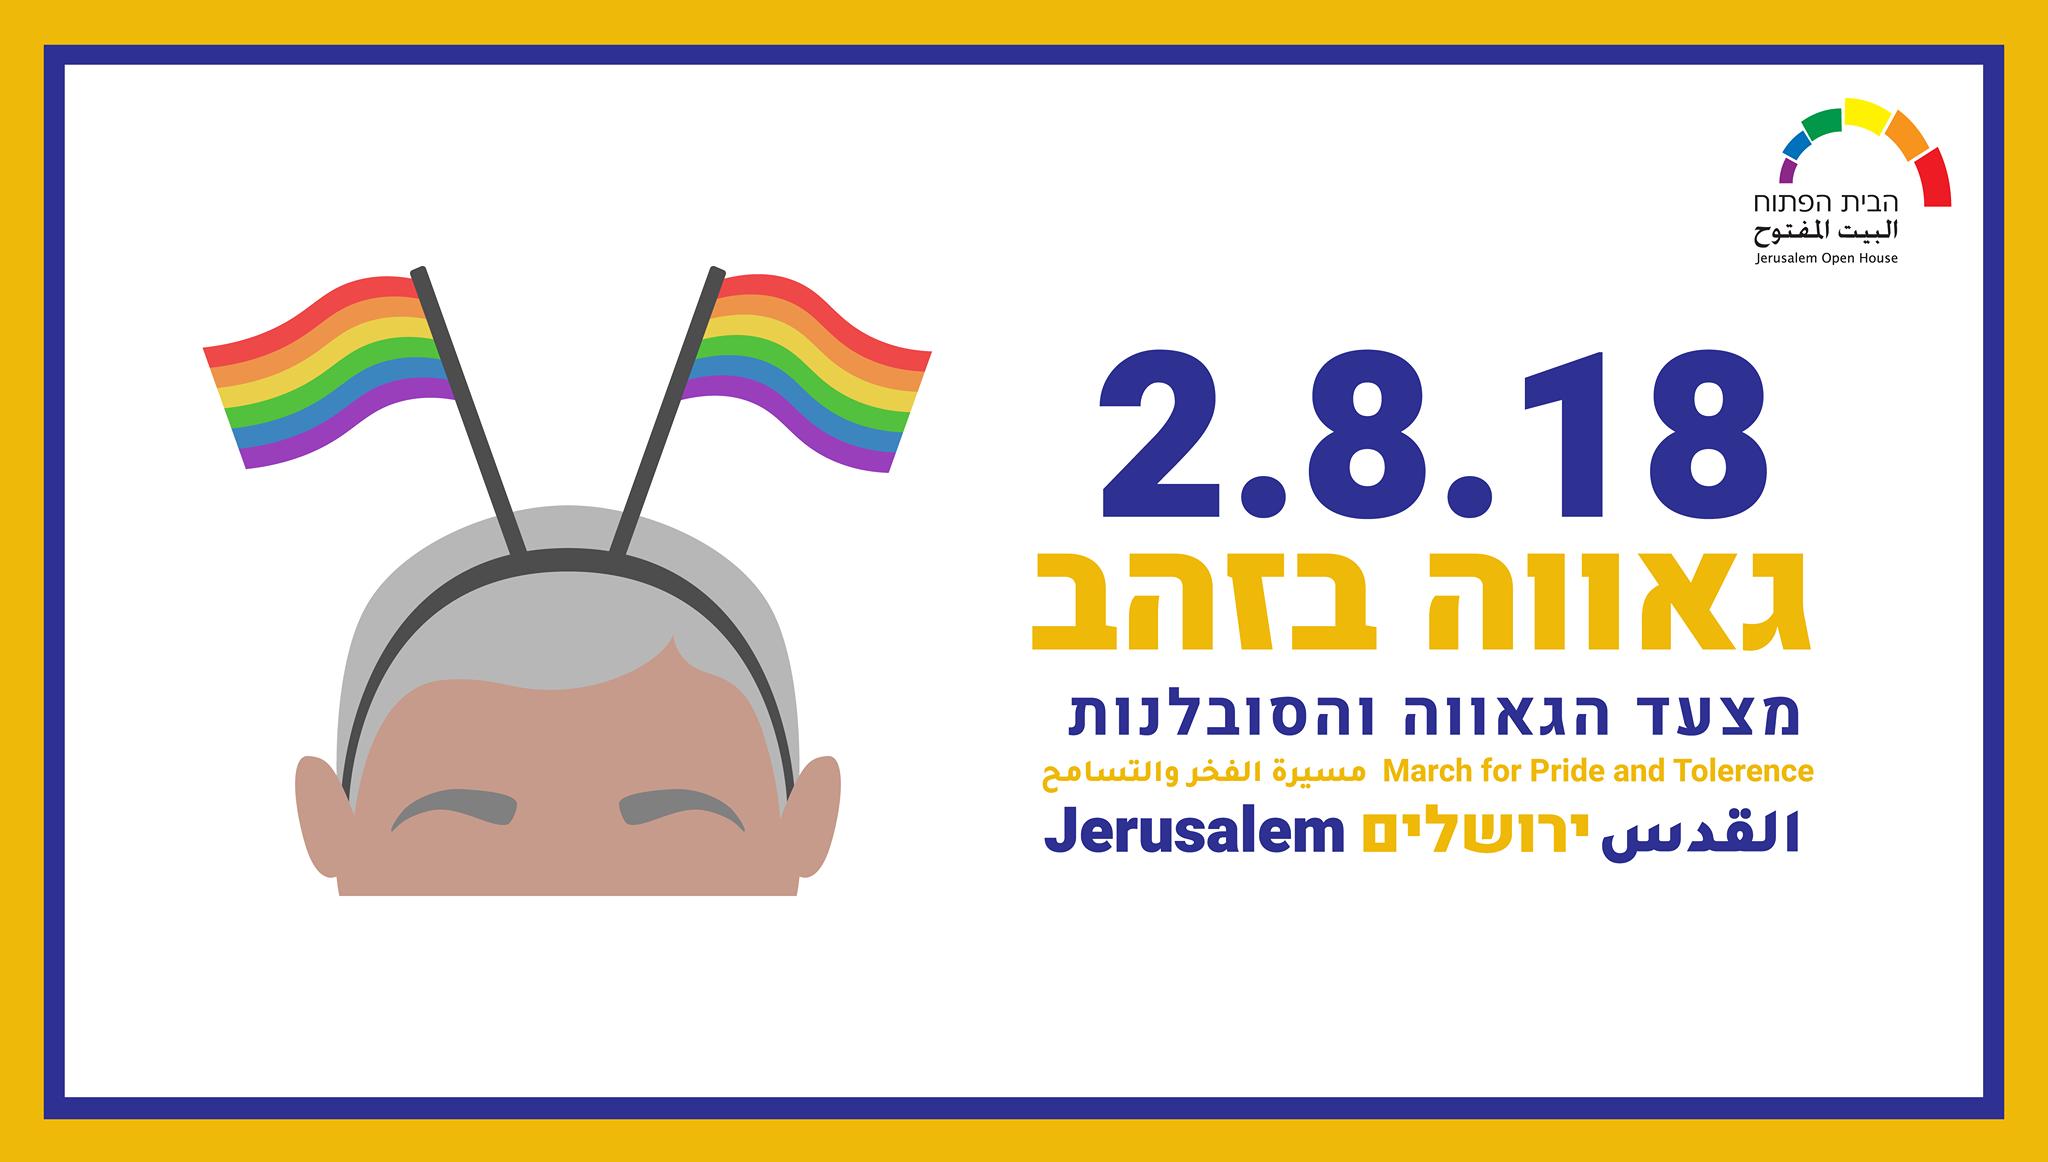 מצעד הגאווה והסובלנות בירושלים